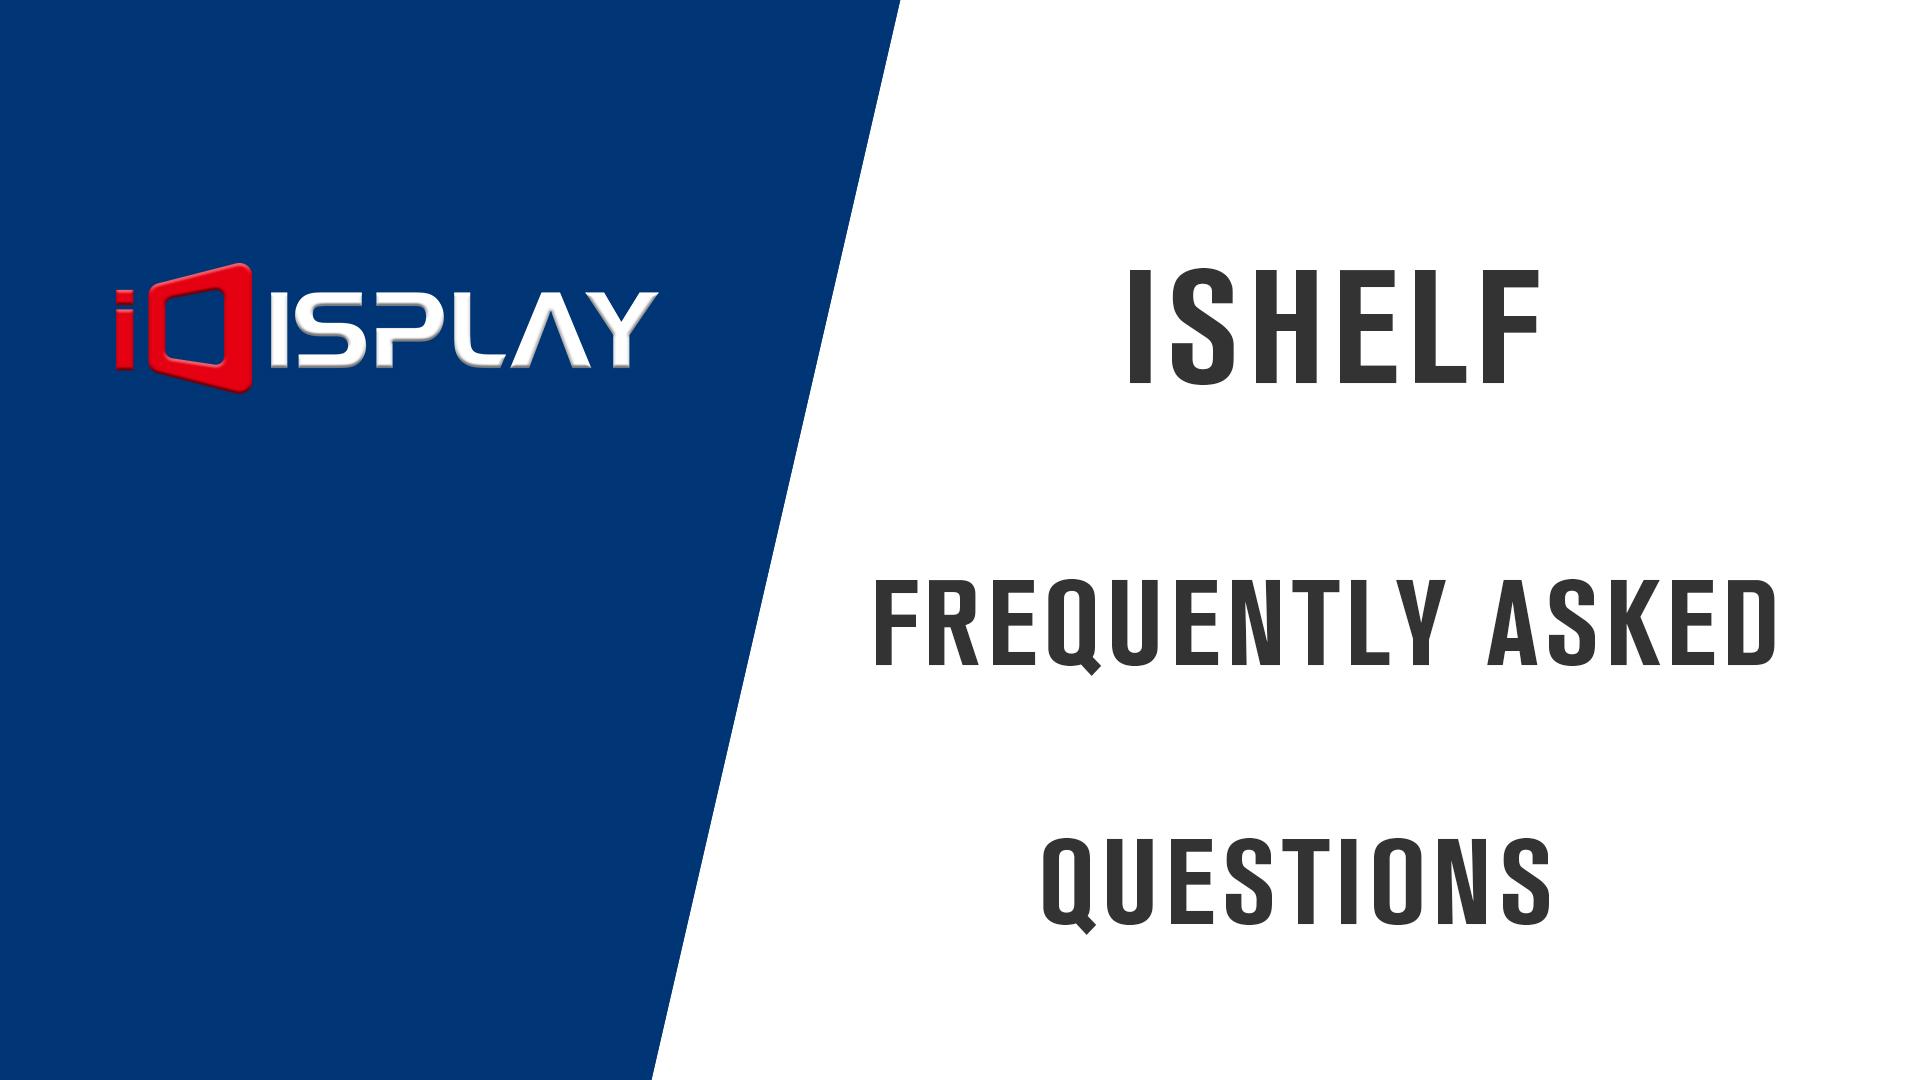 FAQ of ishelf